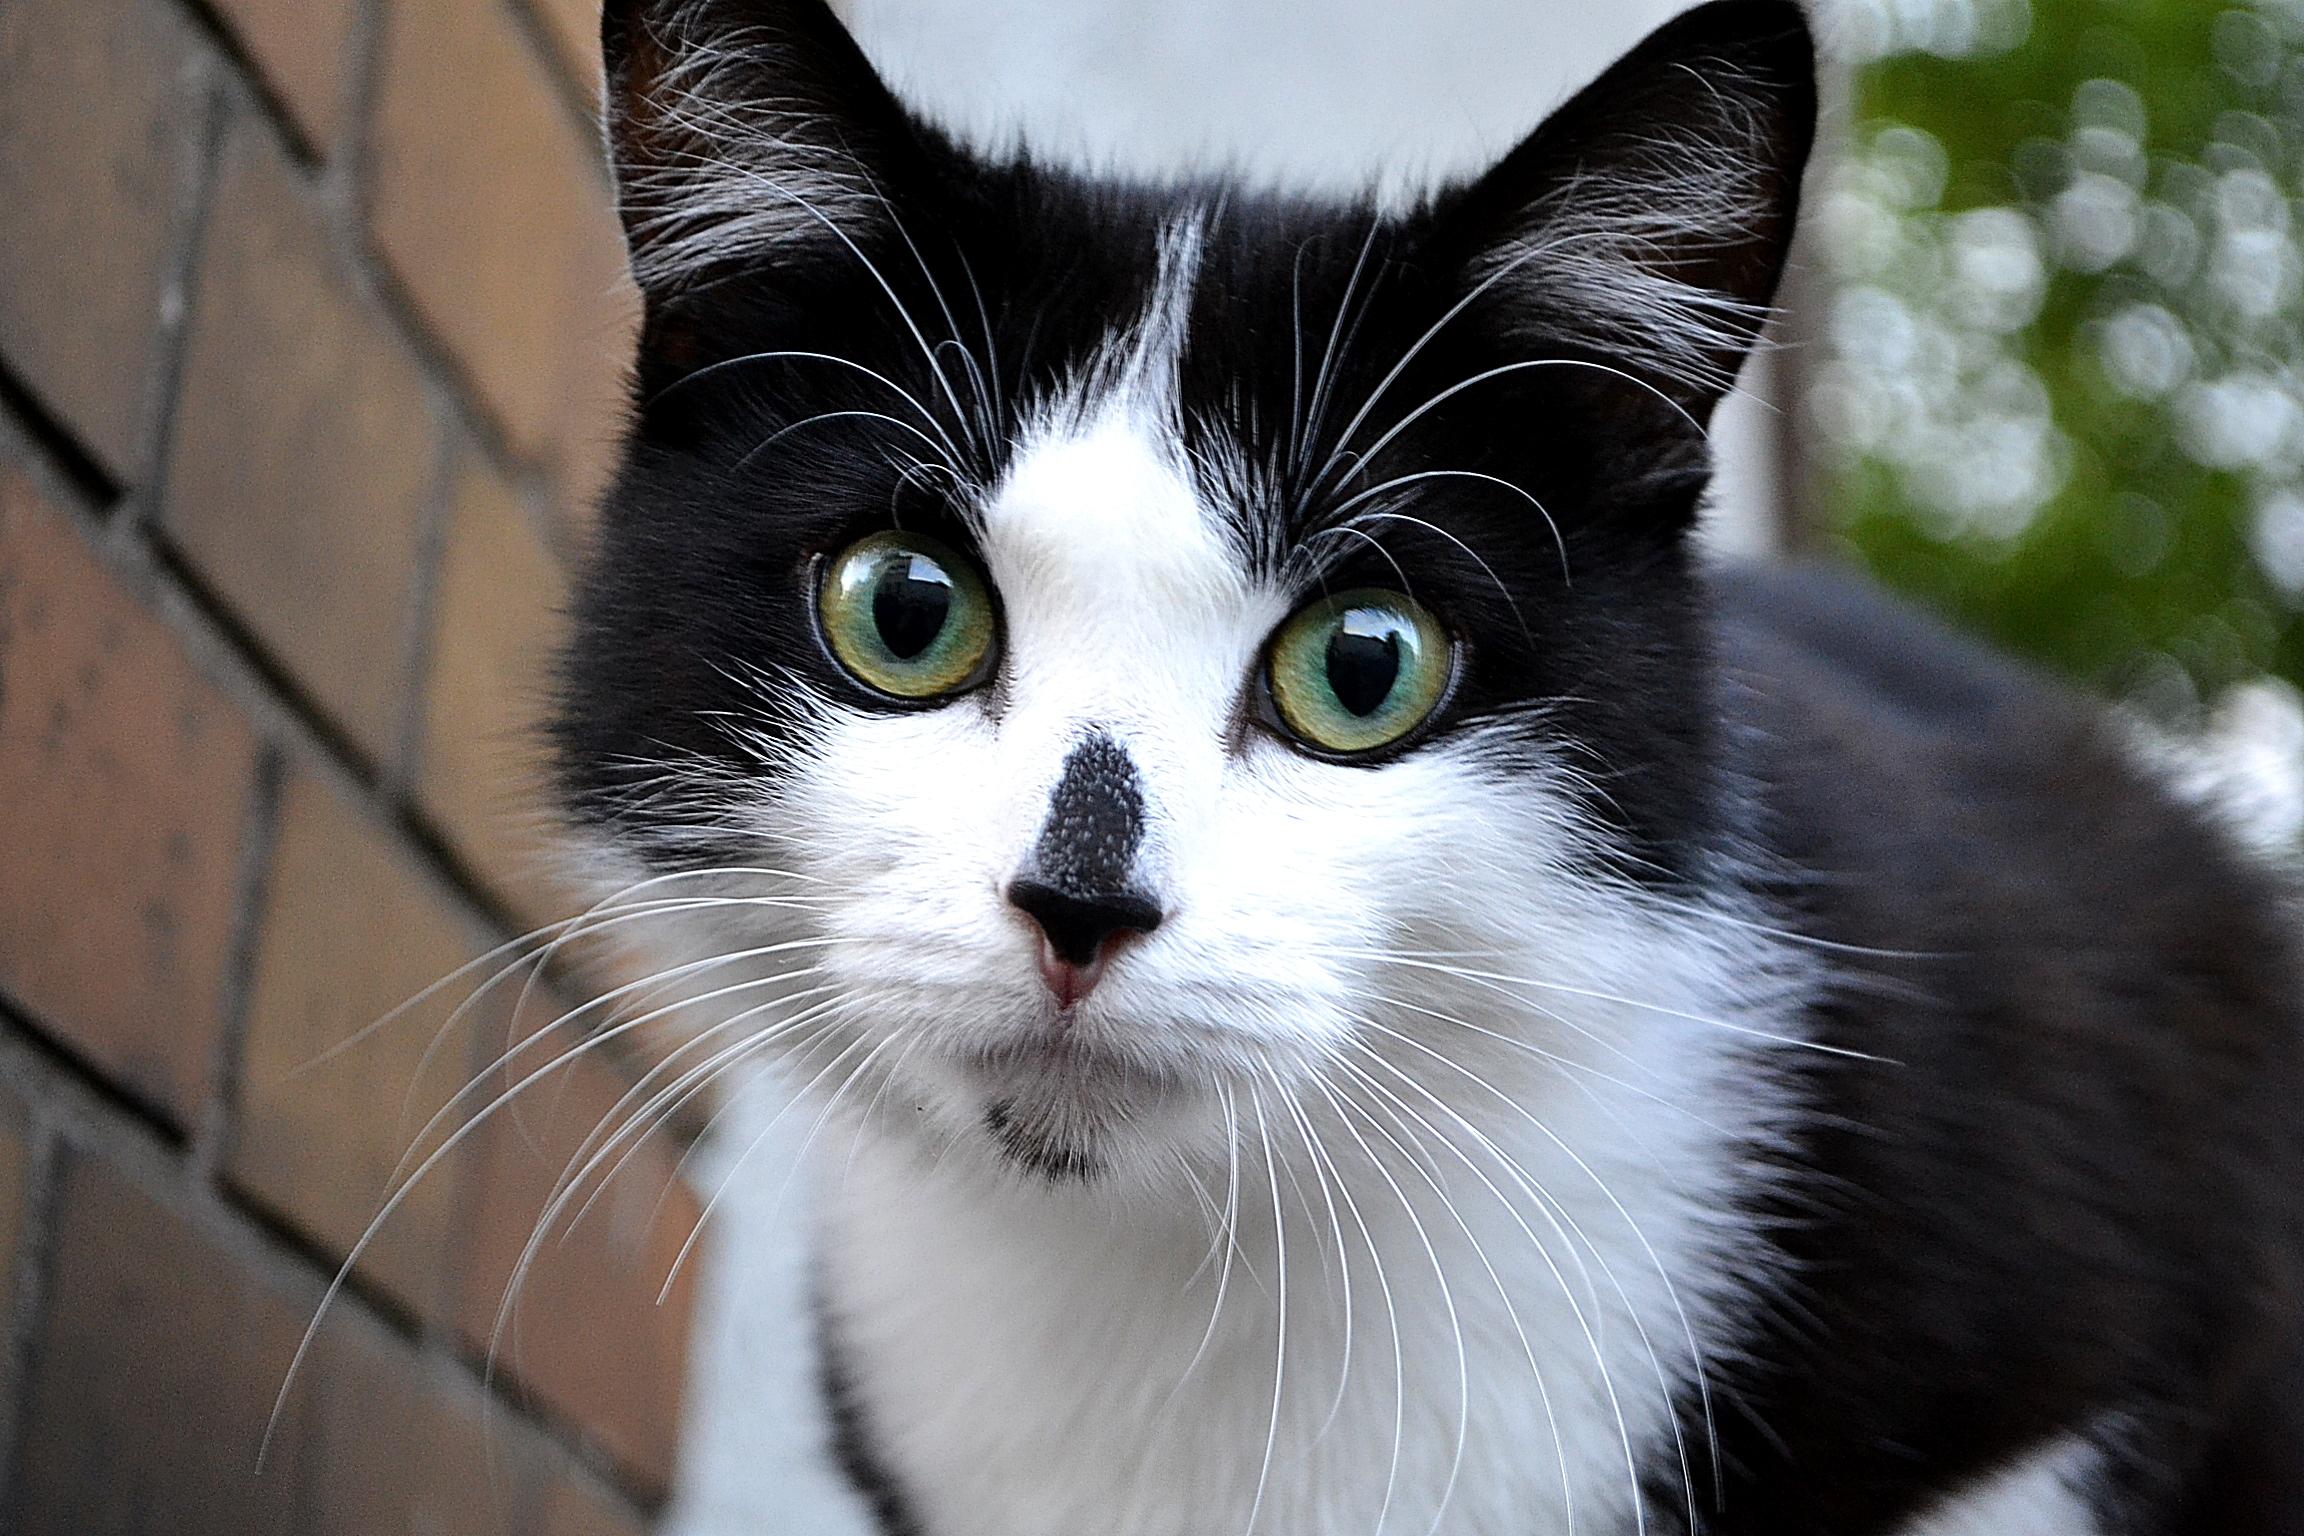 Cat by Roky320